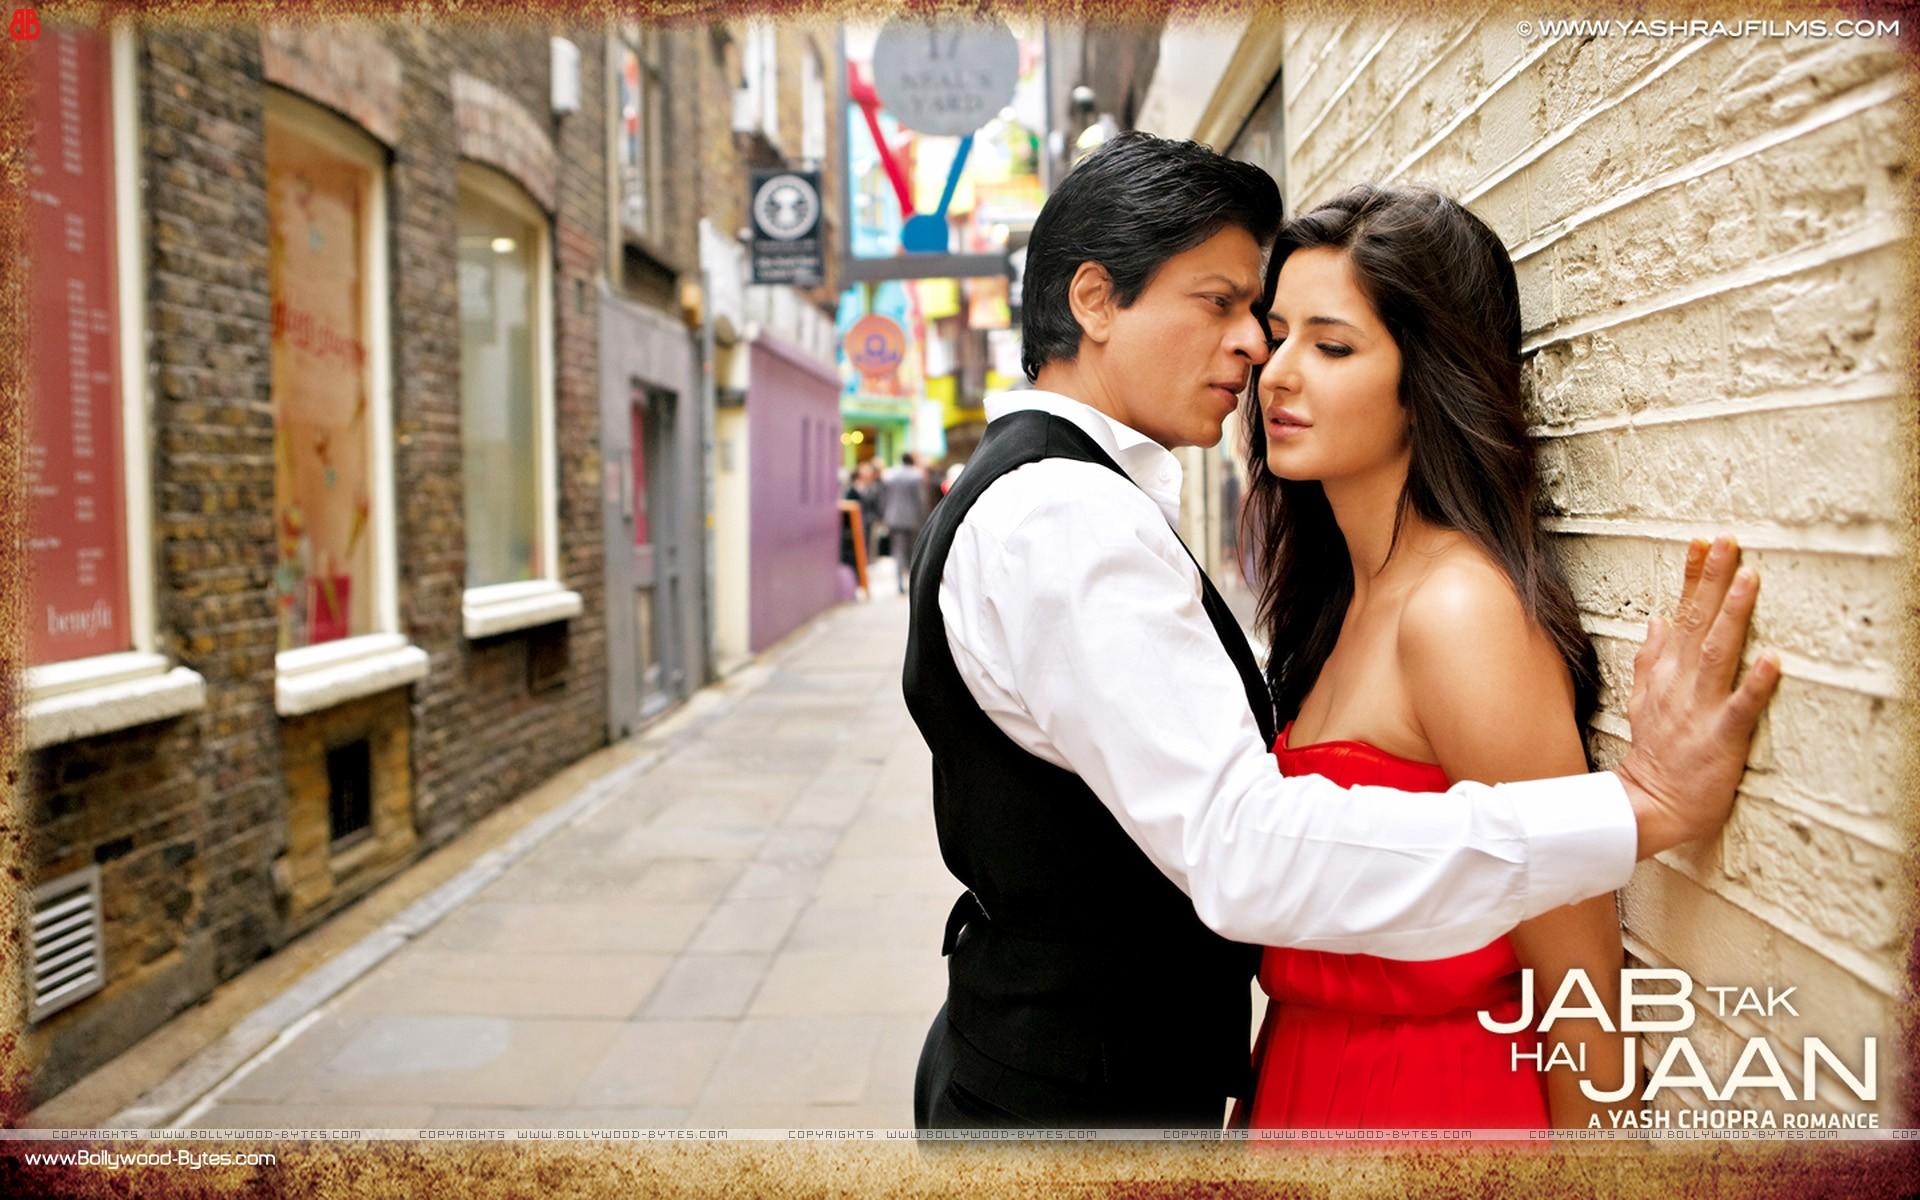 katrina kaif bollywood posters shahrukh khan movie stills jab tak